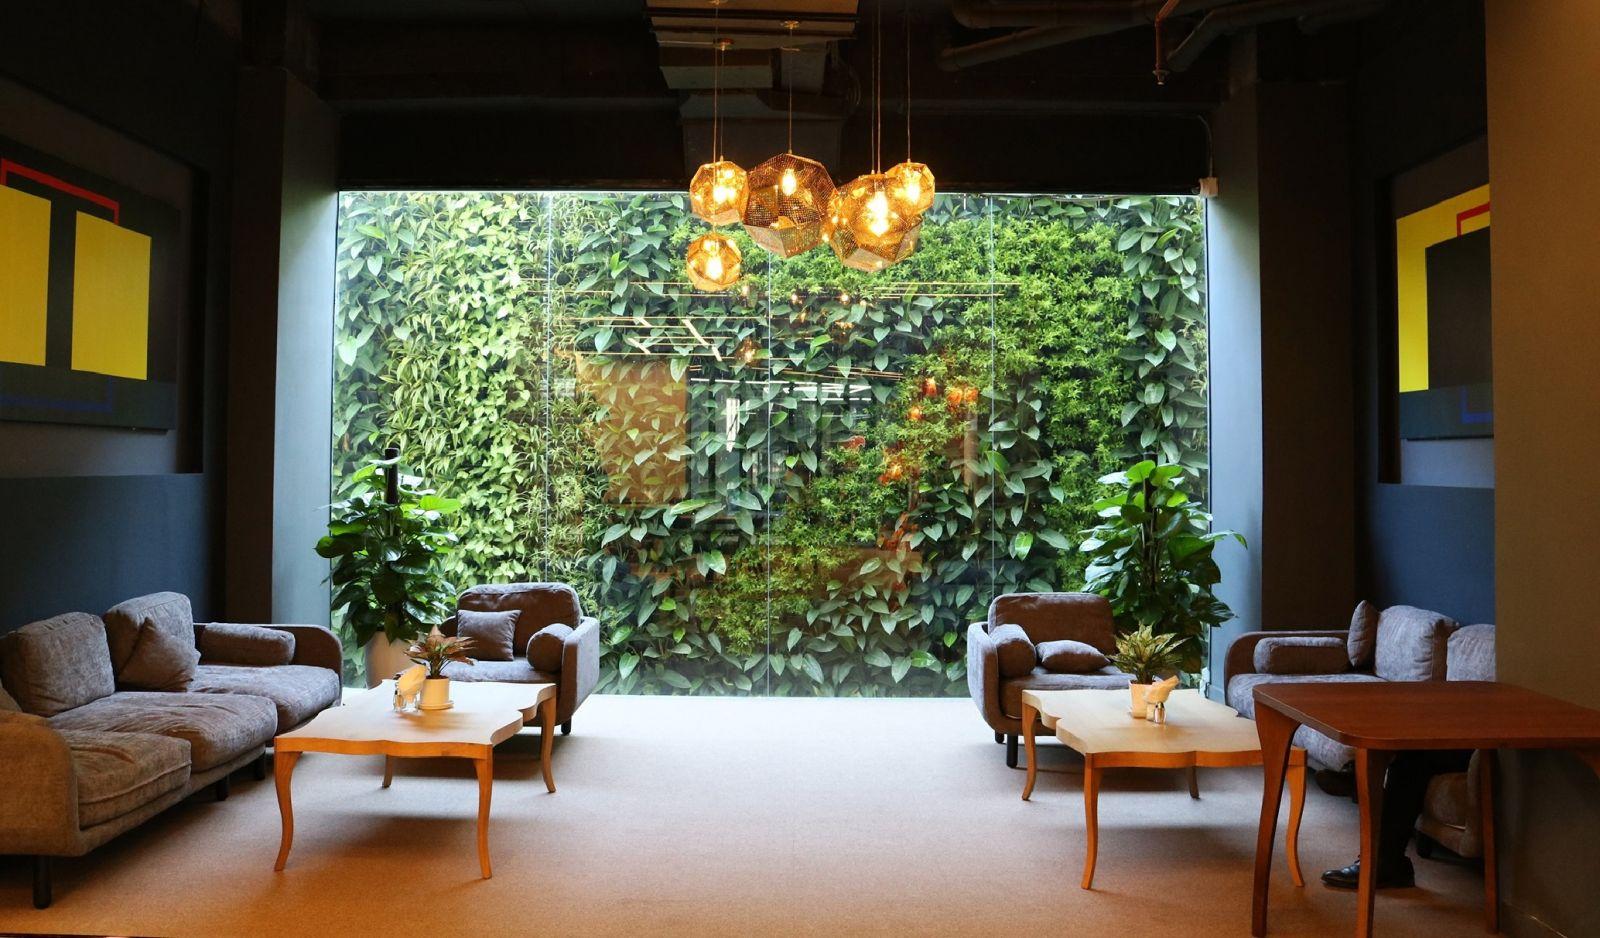 Quang Anh HCm chuyên thiết kế thi công vườn tường đứng tại nhà giá rẻ